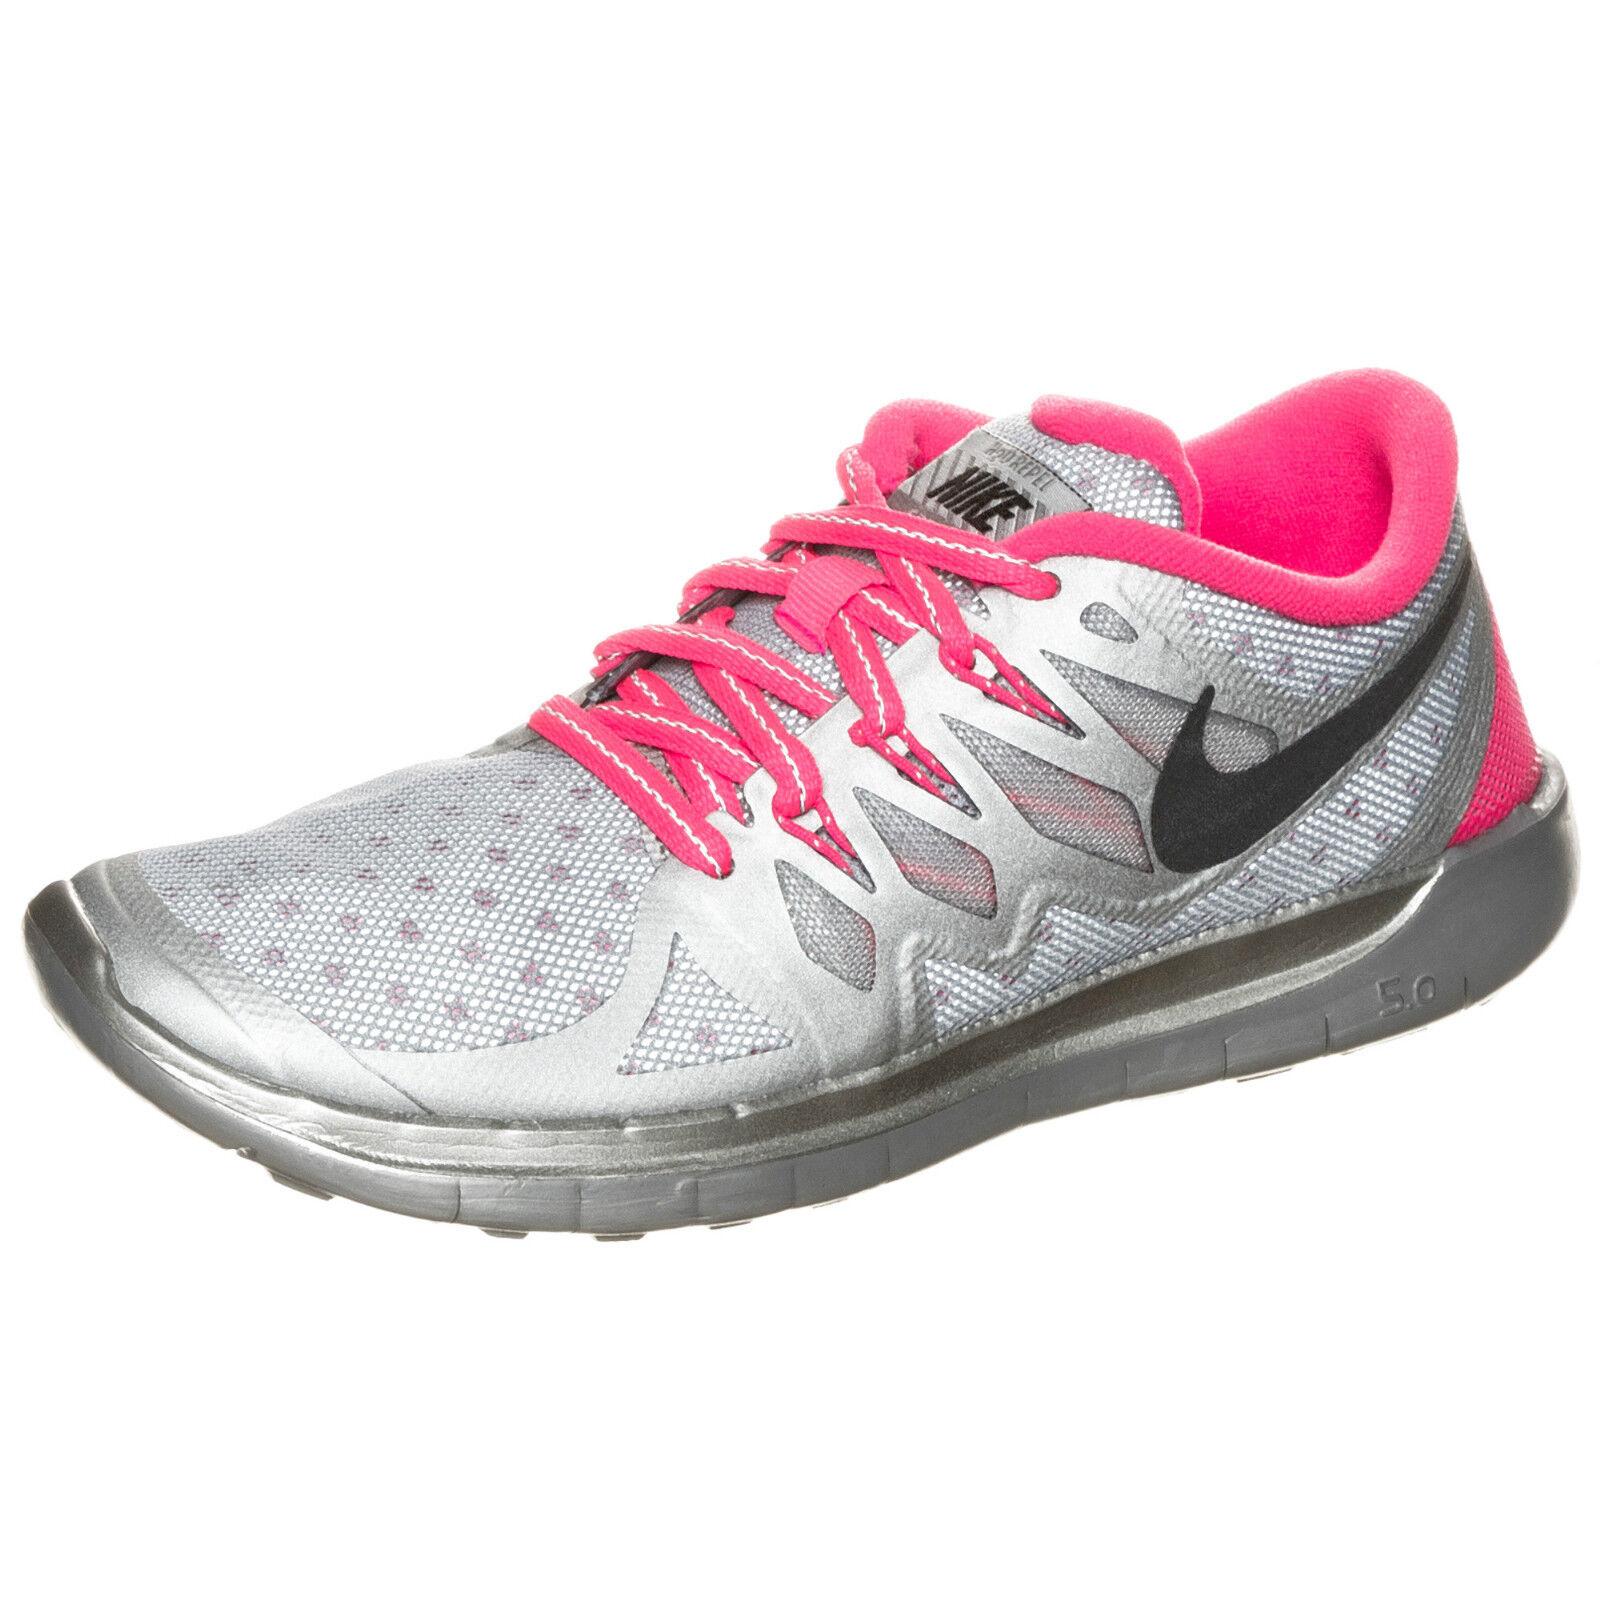 WMNS Nike Free 5.5 Run 5.0 Flash SZ 5.5 Free Reflect SIlver Hyper Pink GS 4Y 685712-001 1ec035